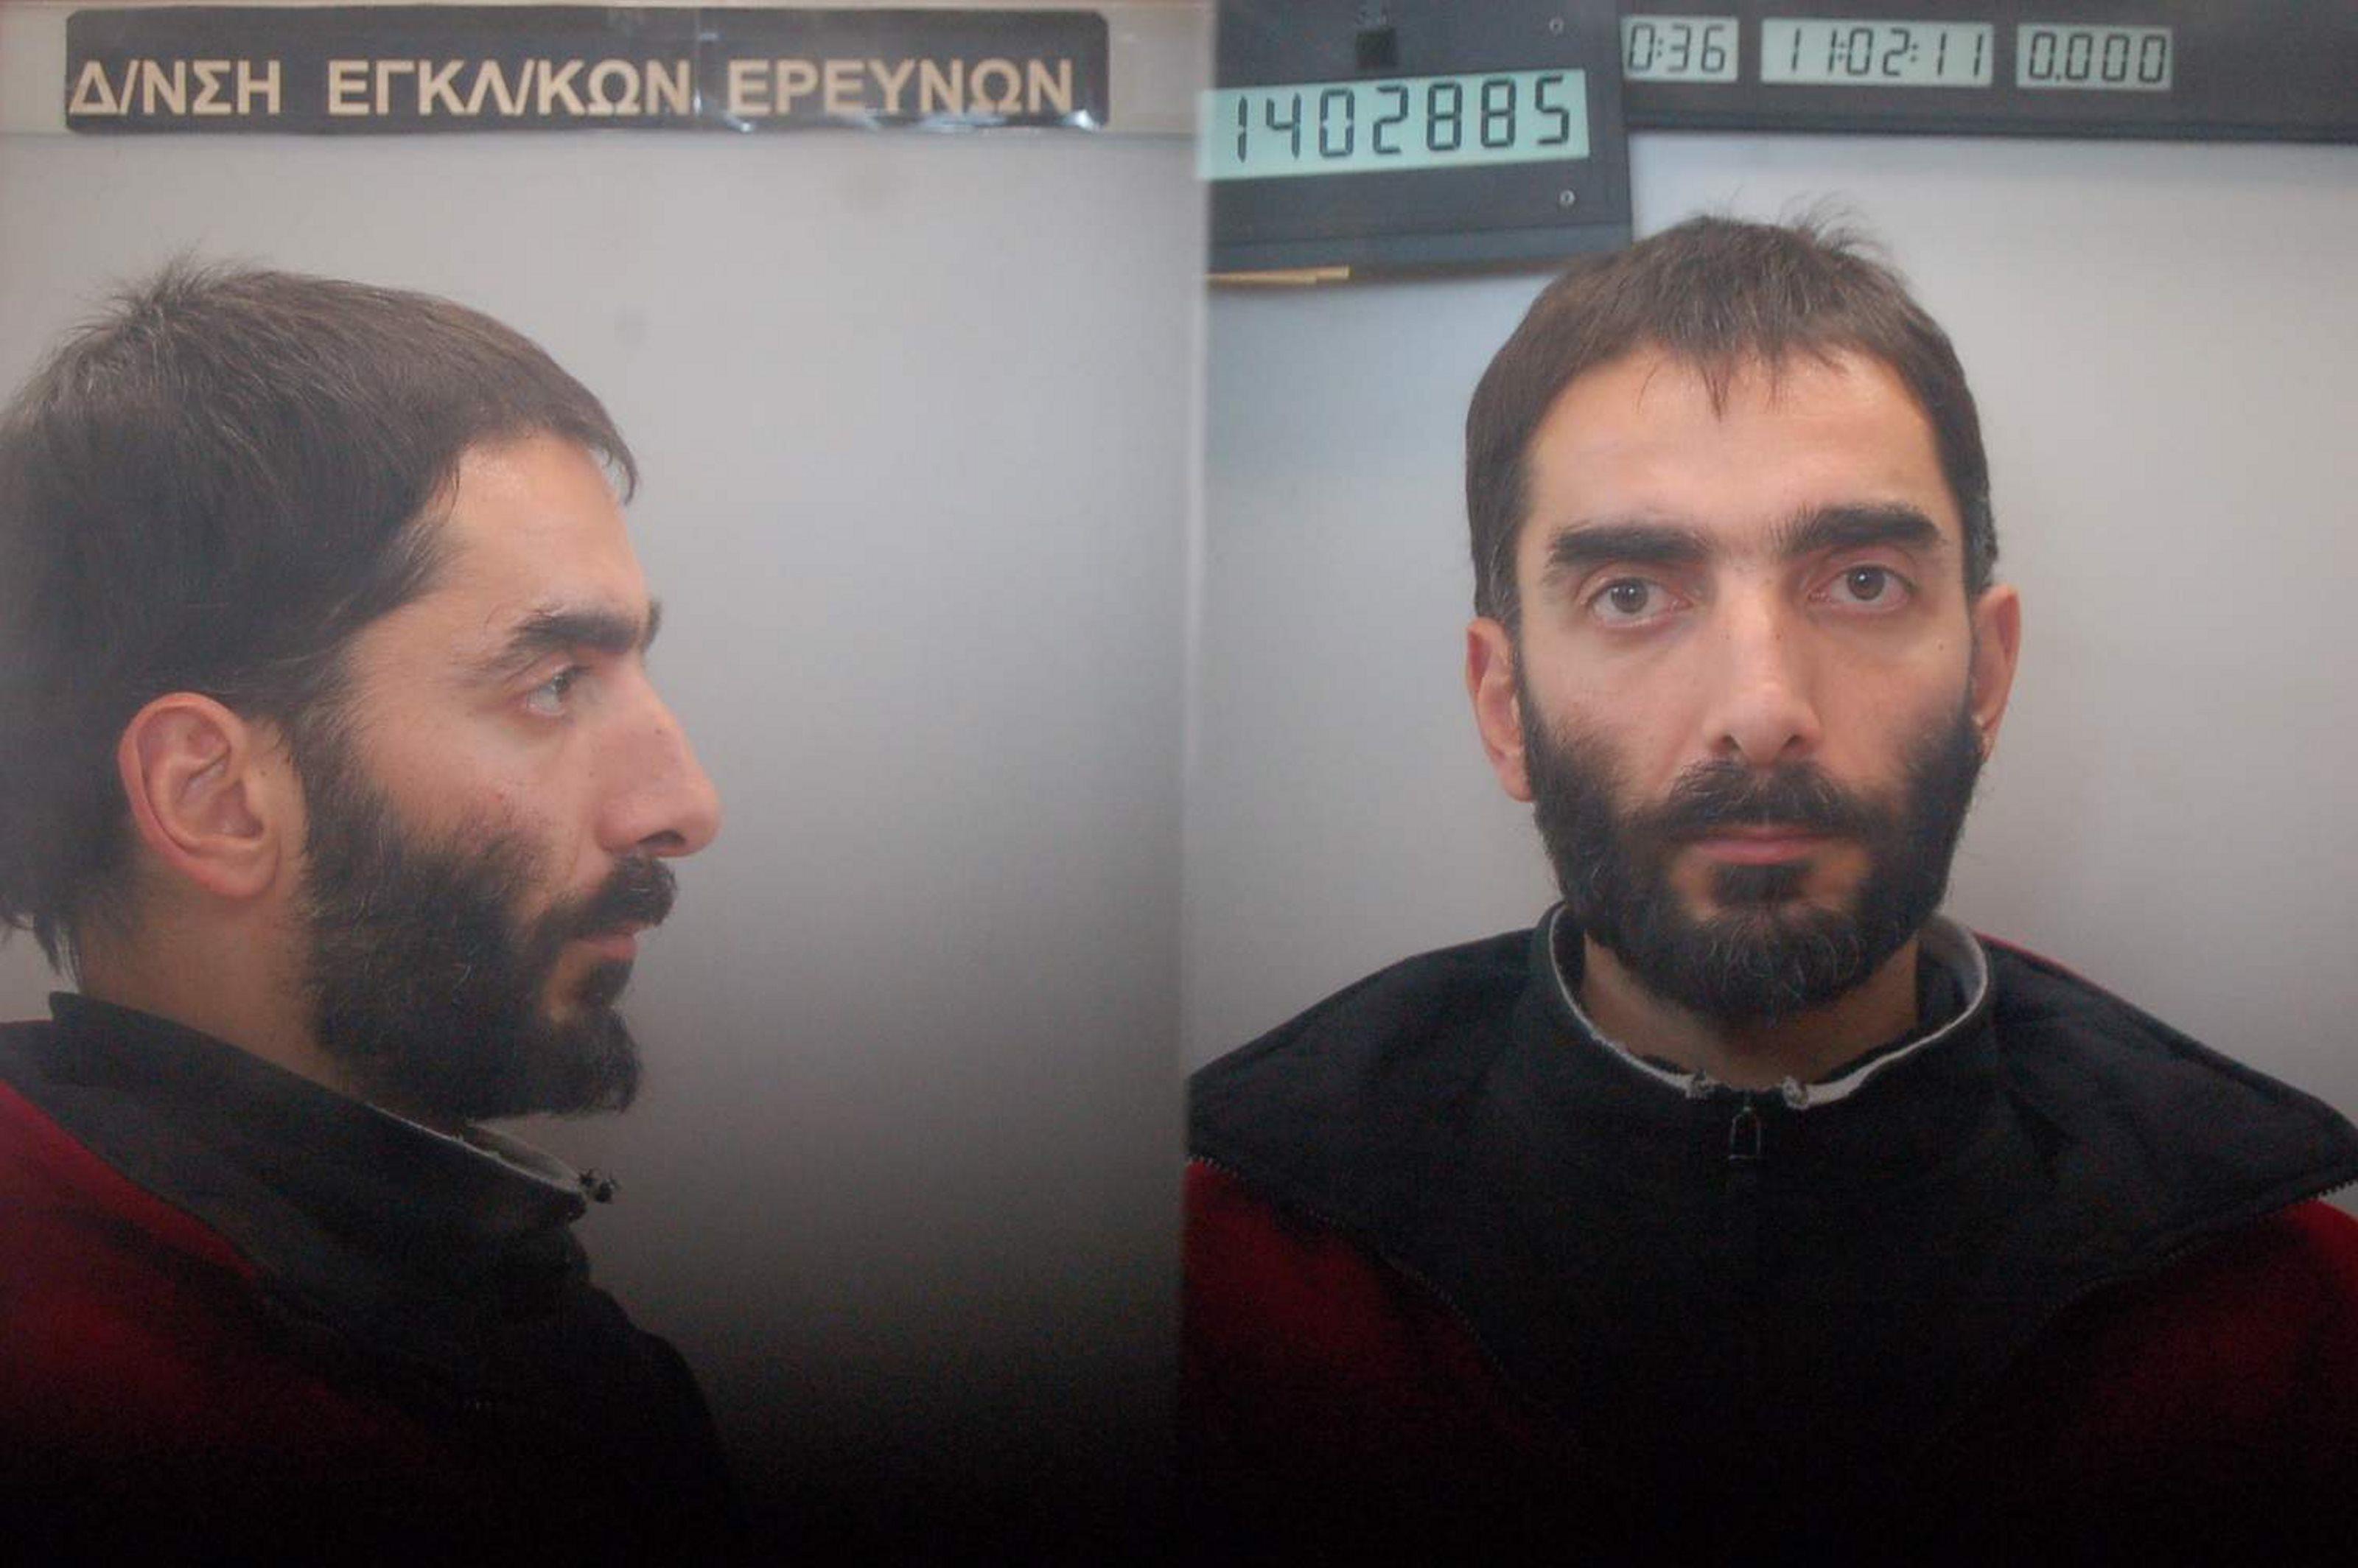 """""""Εμφανίστηκε"""" ο καταζητούμενος για την Επαναστατική Αυτοάμυνα – Από internet cafe ανέβασε το κείμενο ο Χατζηβασιλειάδης"""